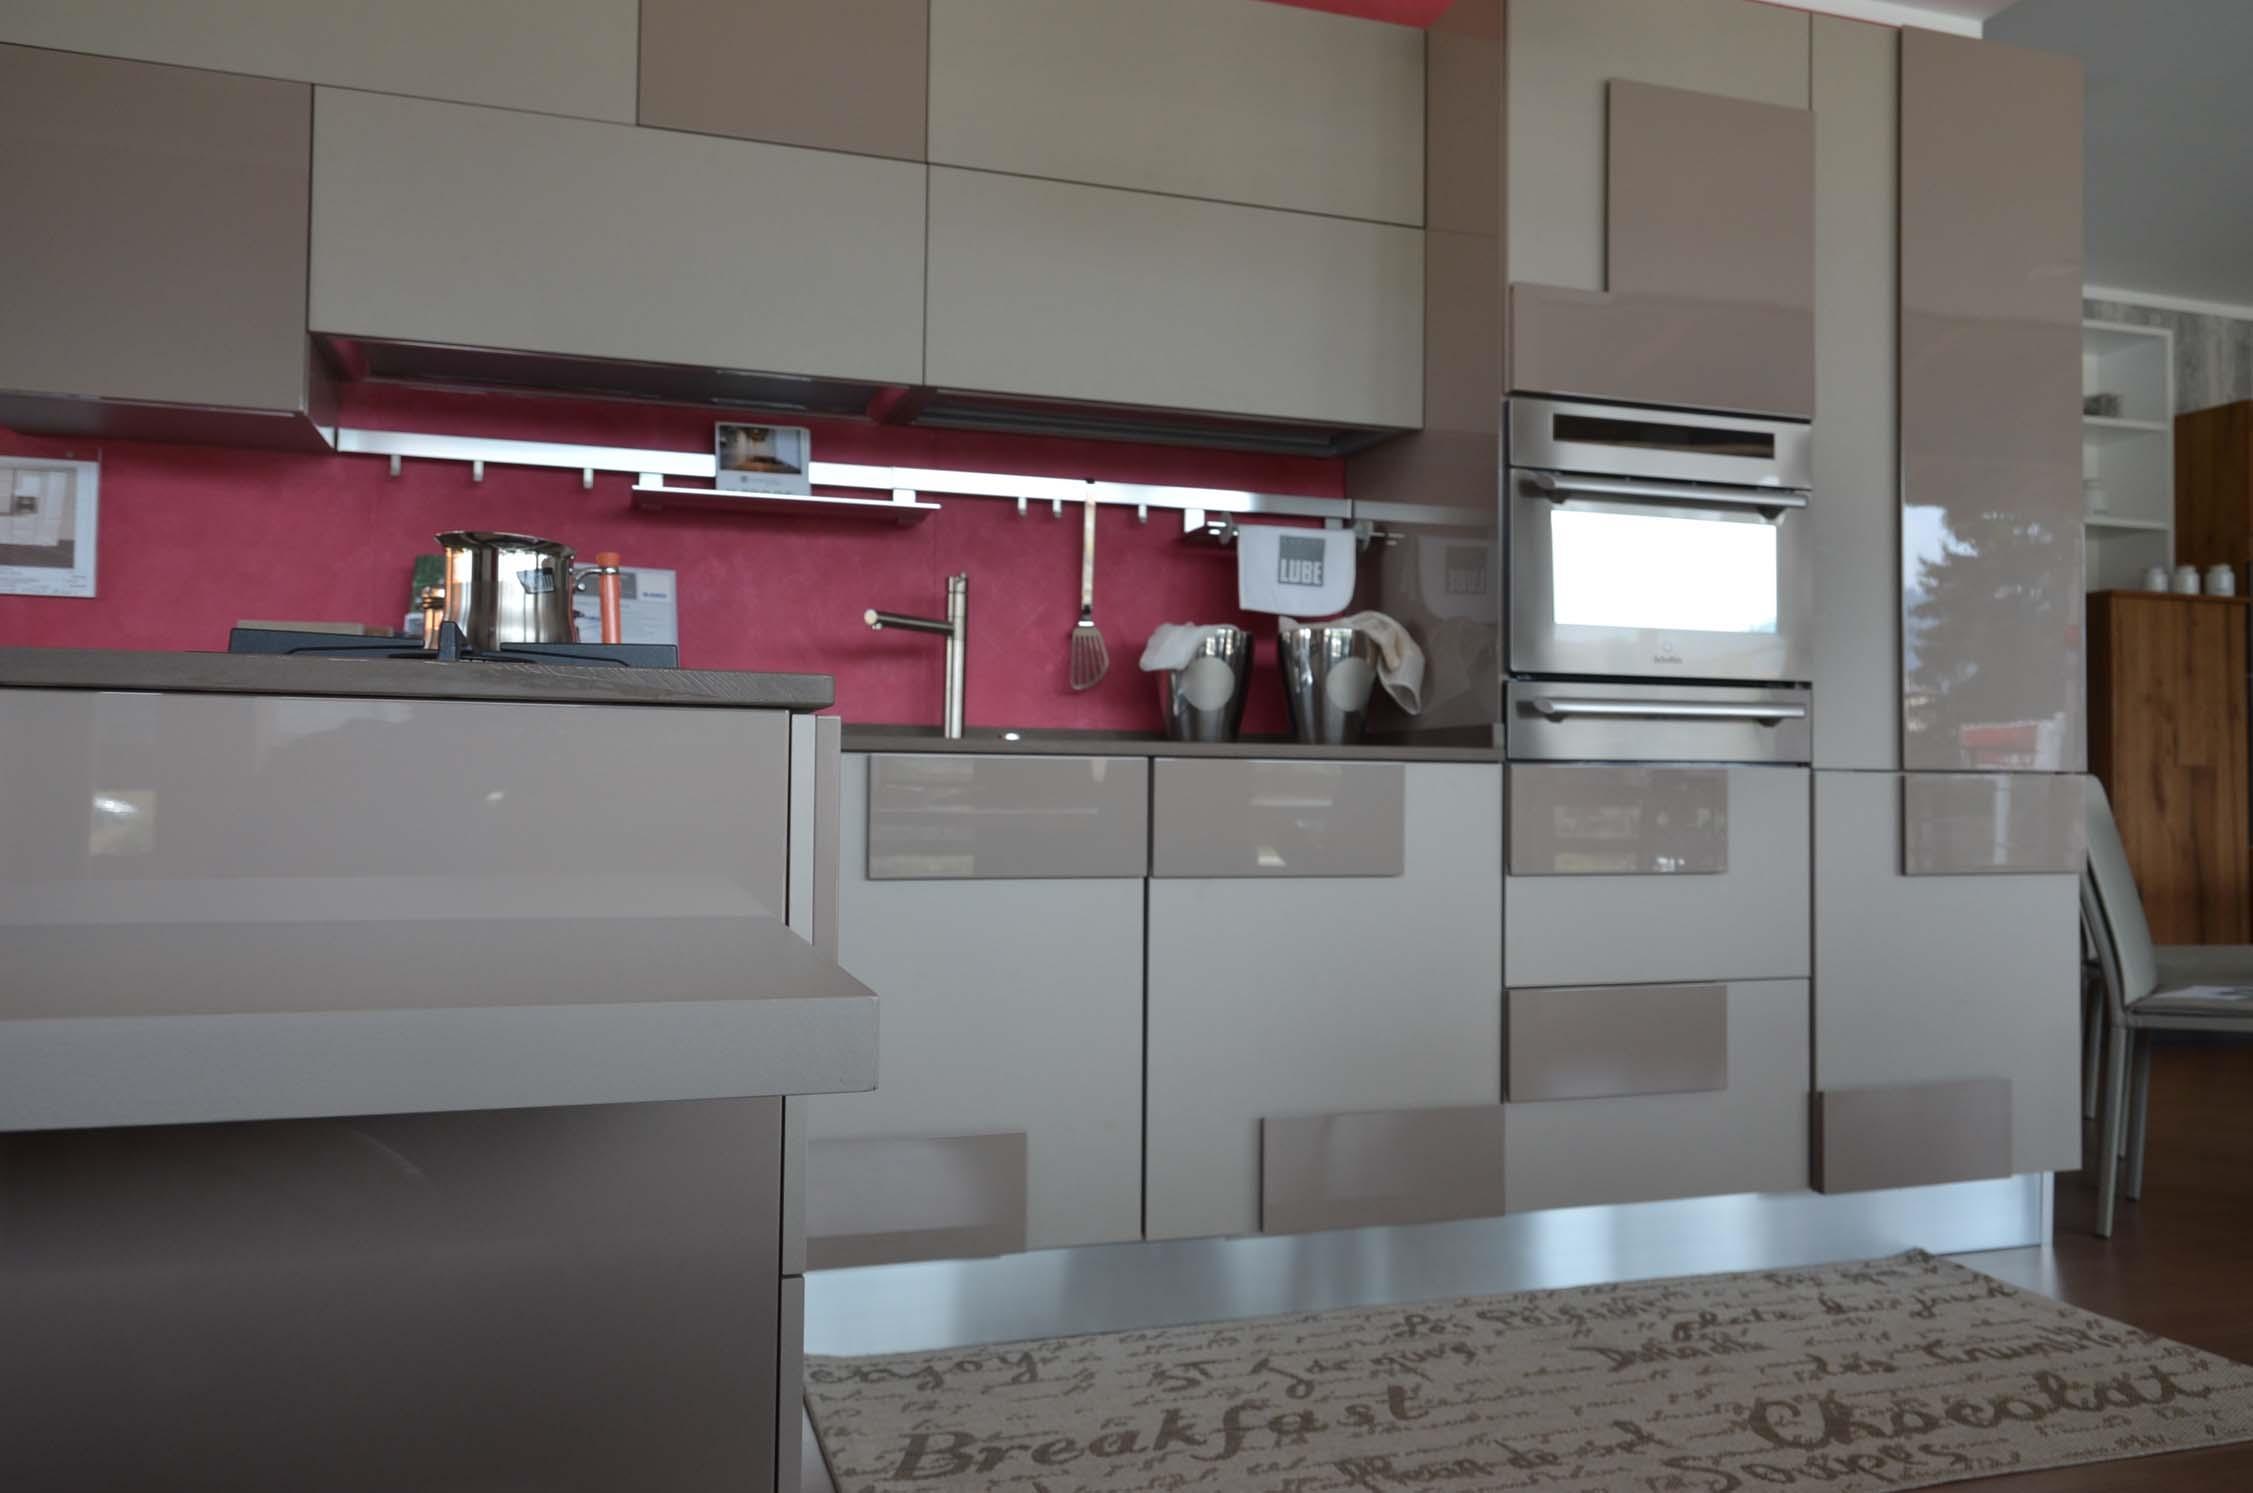 Cucina modello creativa lube completa di elettrodomestici cucine a prezzi scontati - Cucine senza elettrodomestici ...